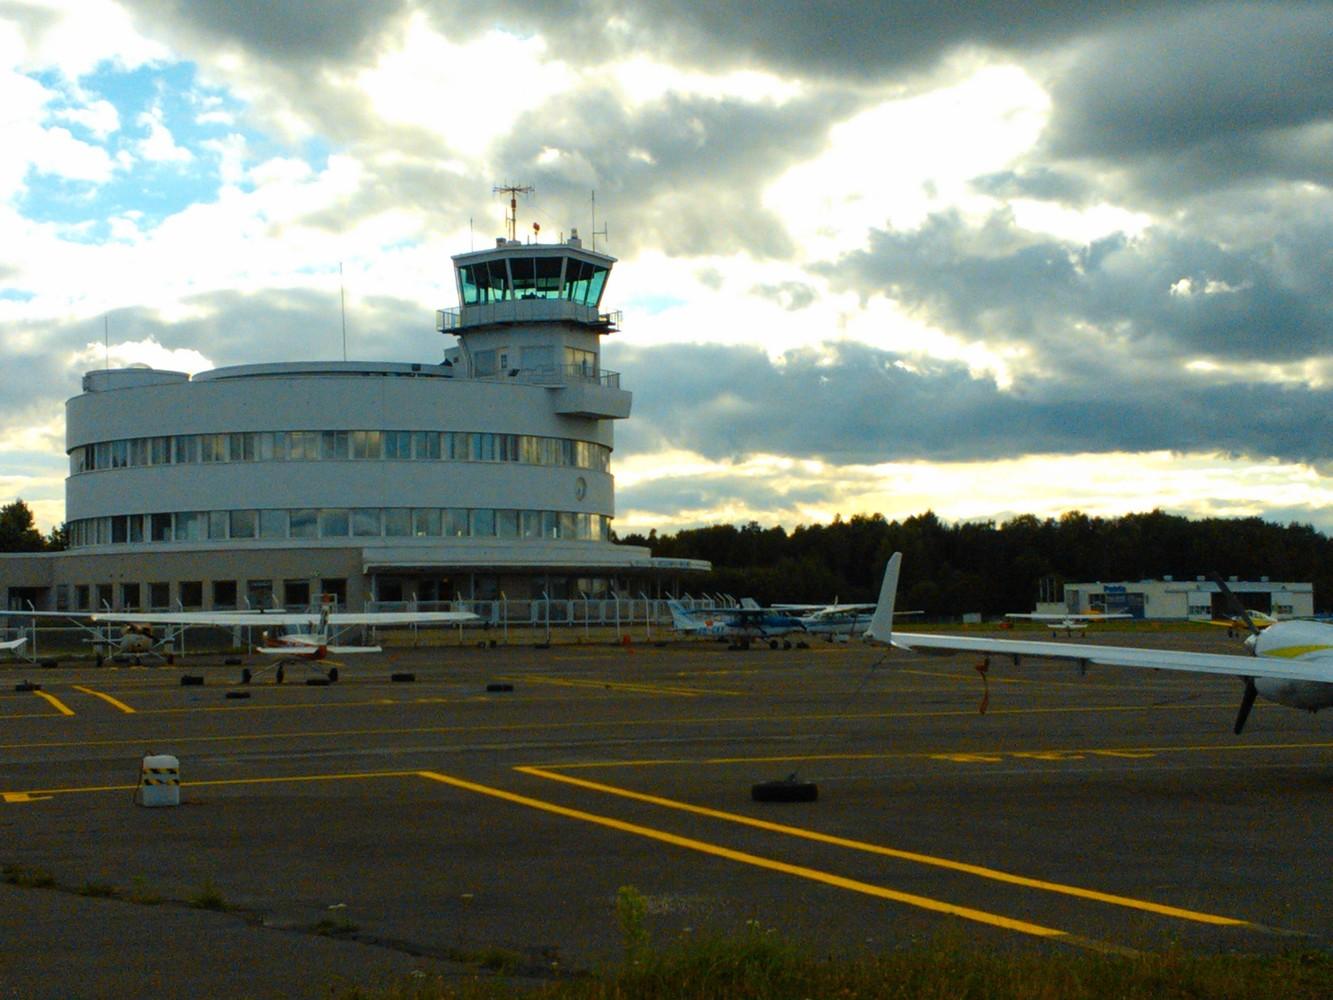 Annetaan Helsinki-Malmin lentokonehalli vuokralle